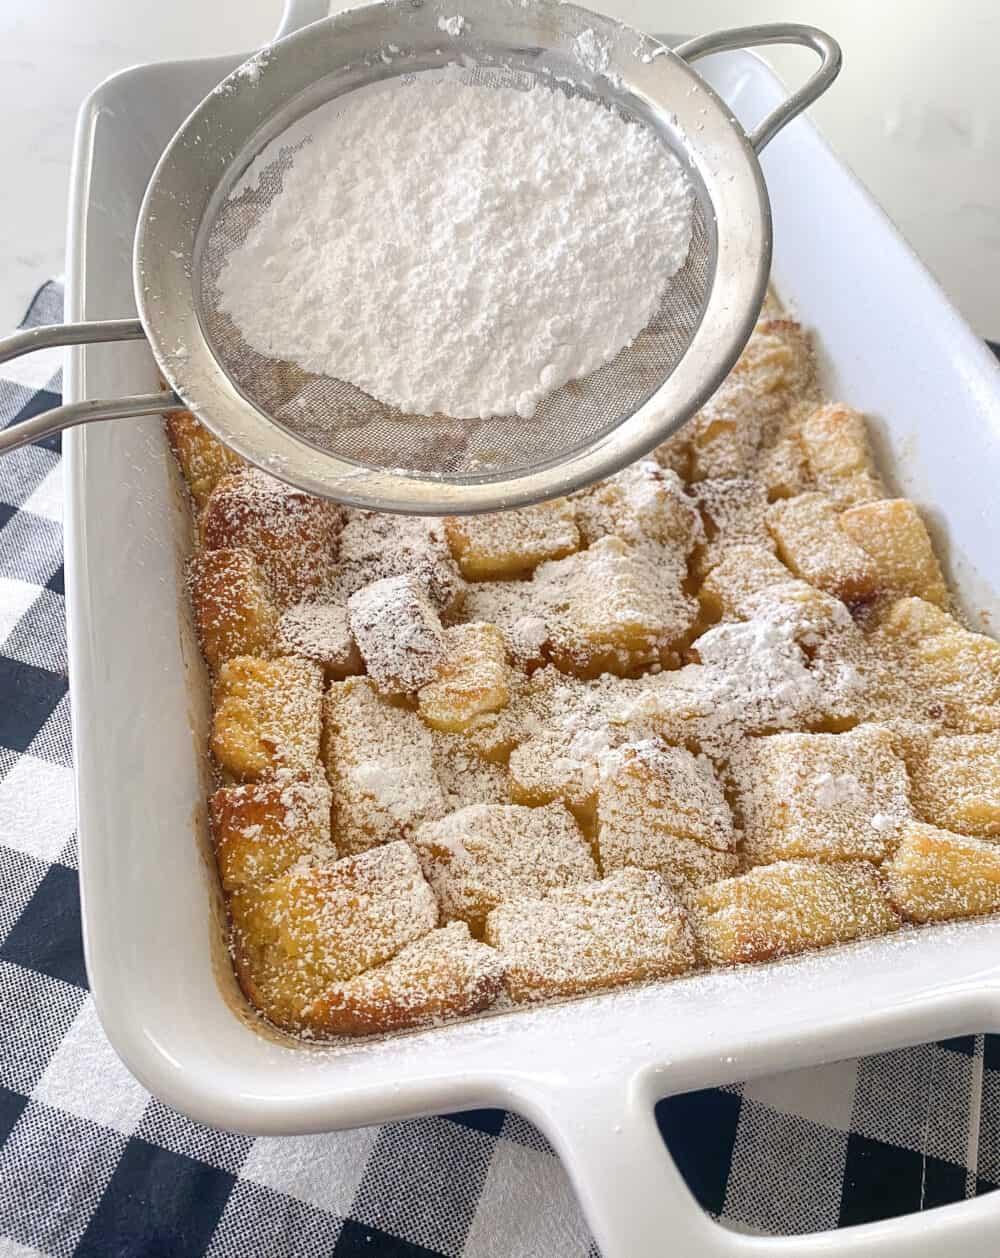 baked strawberry shortcake french toast